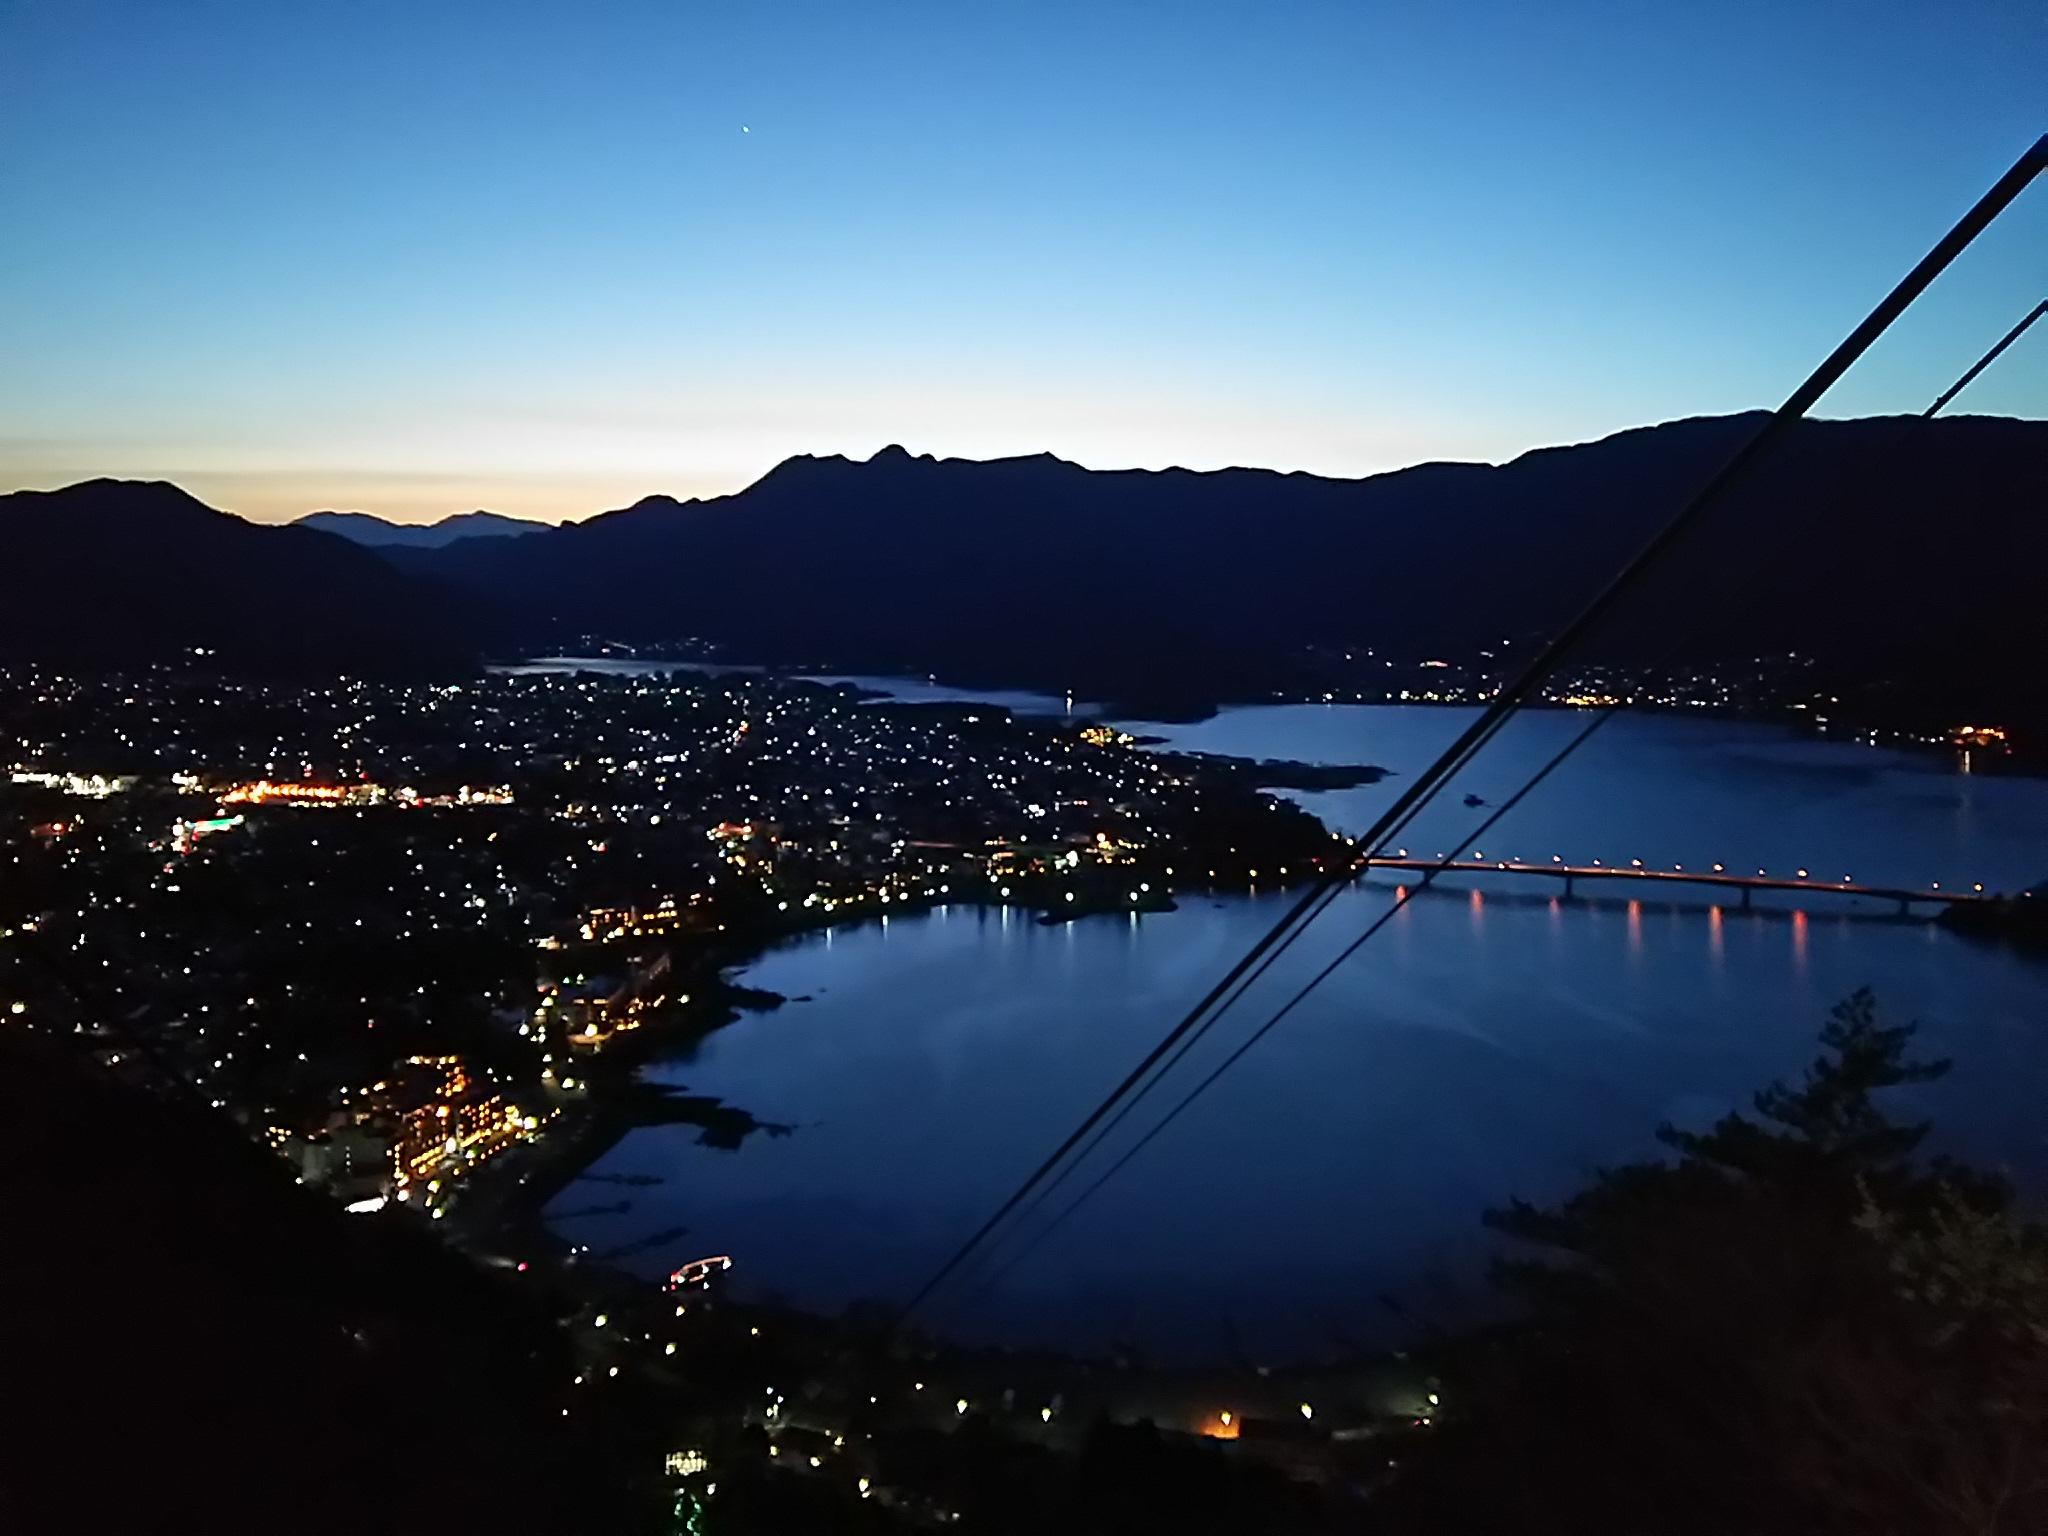 河口湖・富士山パノラマロープウェイ、お盆期間は毎日夜間延長営業